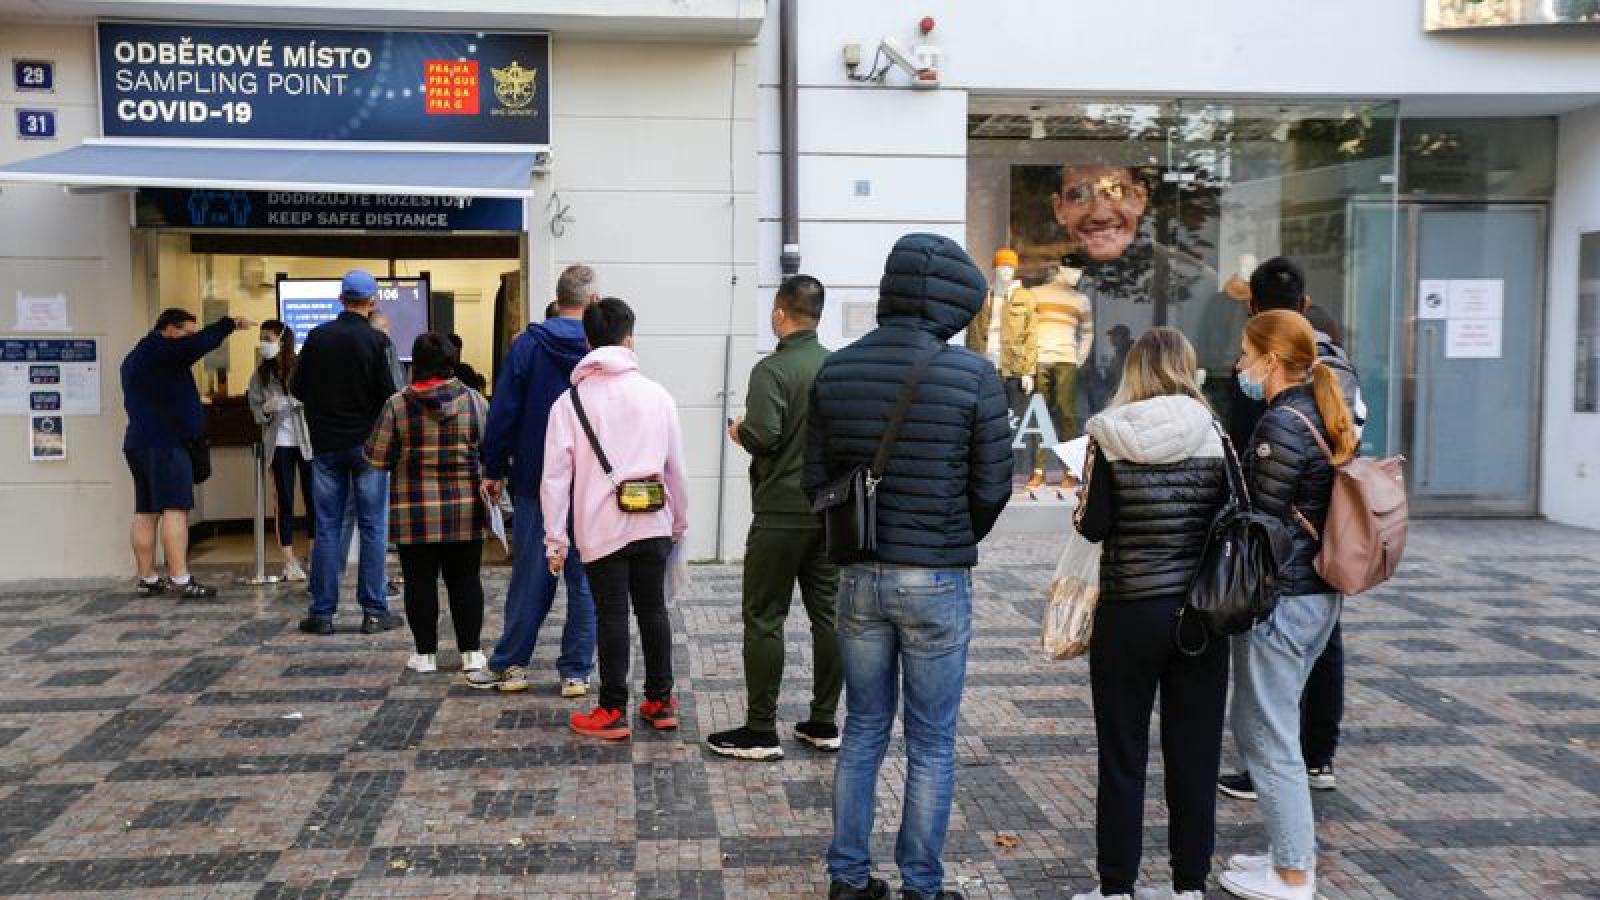 Số ca nhiễm vượt 50.000, Séc dự kiến áp đặt một số các hạn chế mới